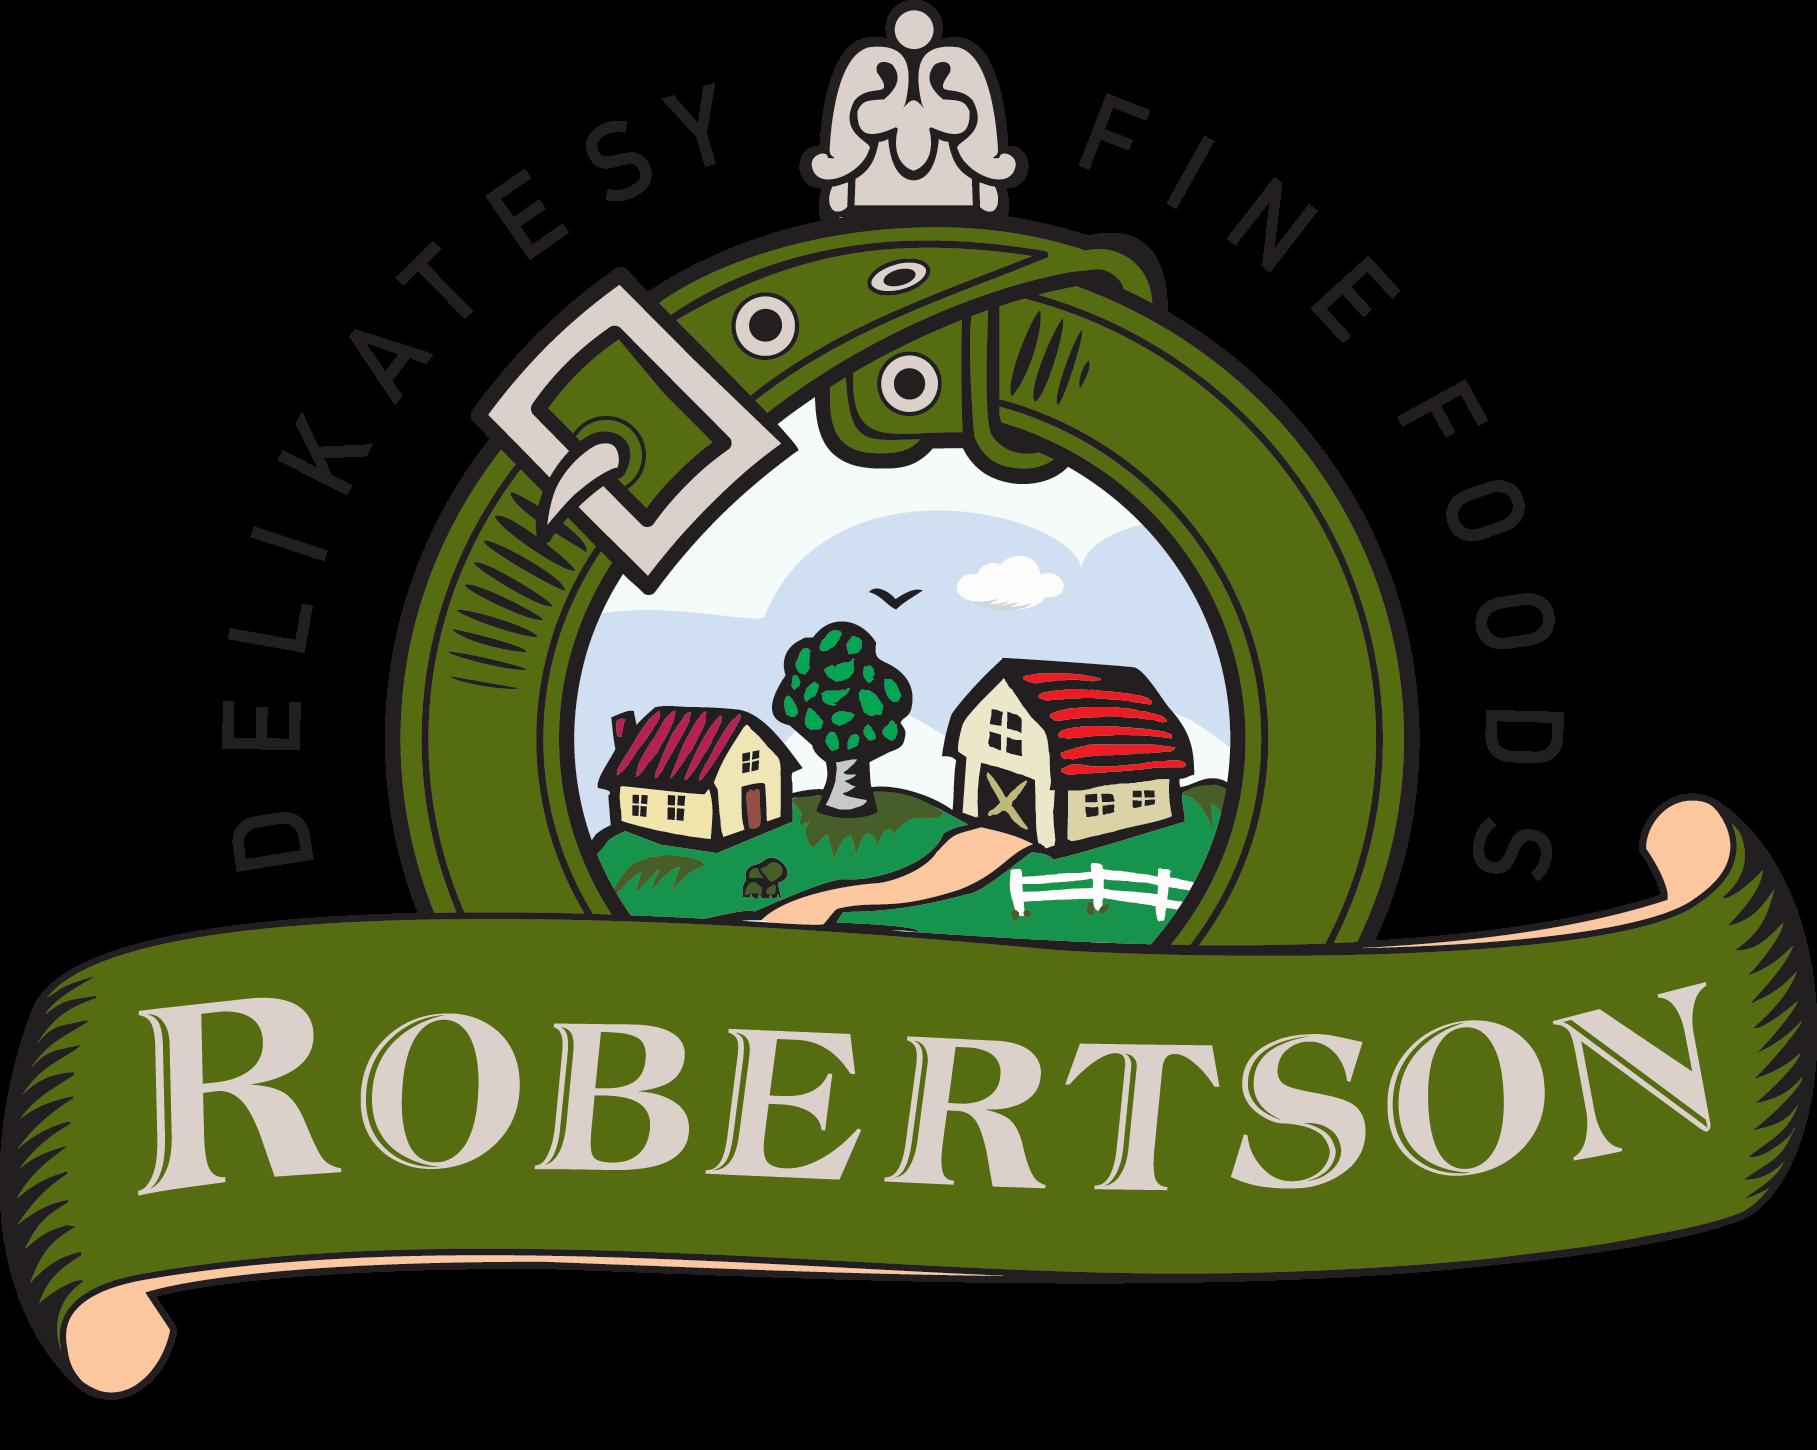 Robertson.cz